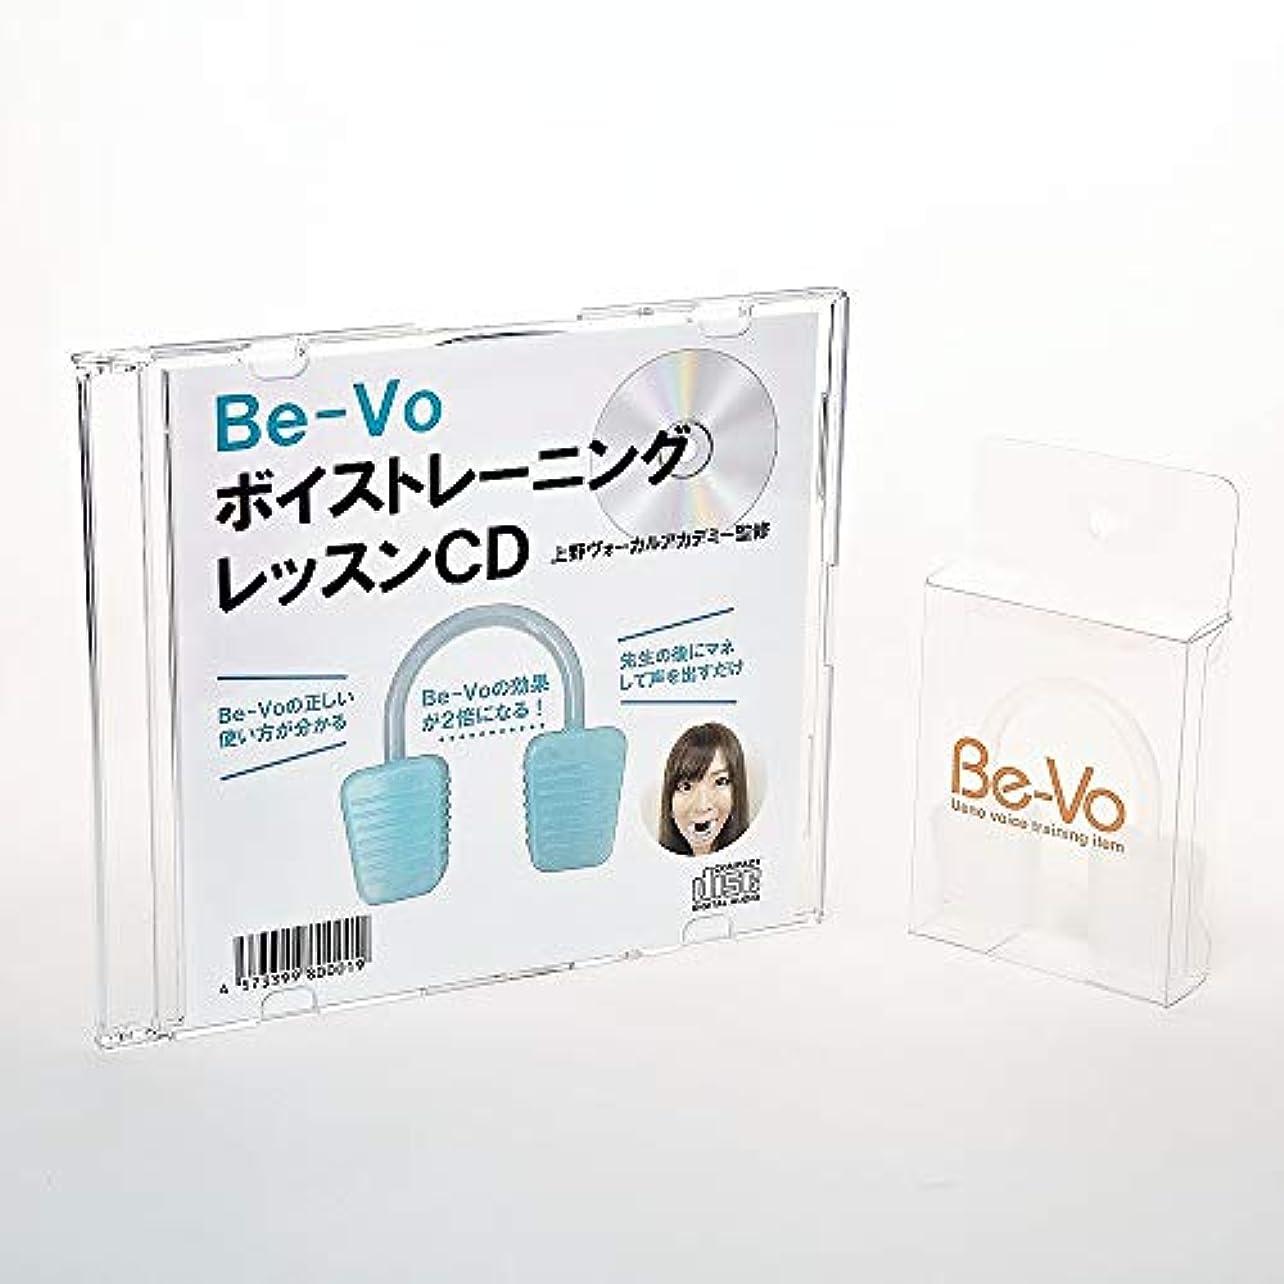 締めるフェンス女性Be-Vo CD セット ホワイト|ボイストレーニング器具Be-Vo(ビーボ)+Be-VoボイストレーニングレッスンCD2点セット